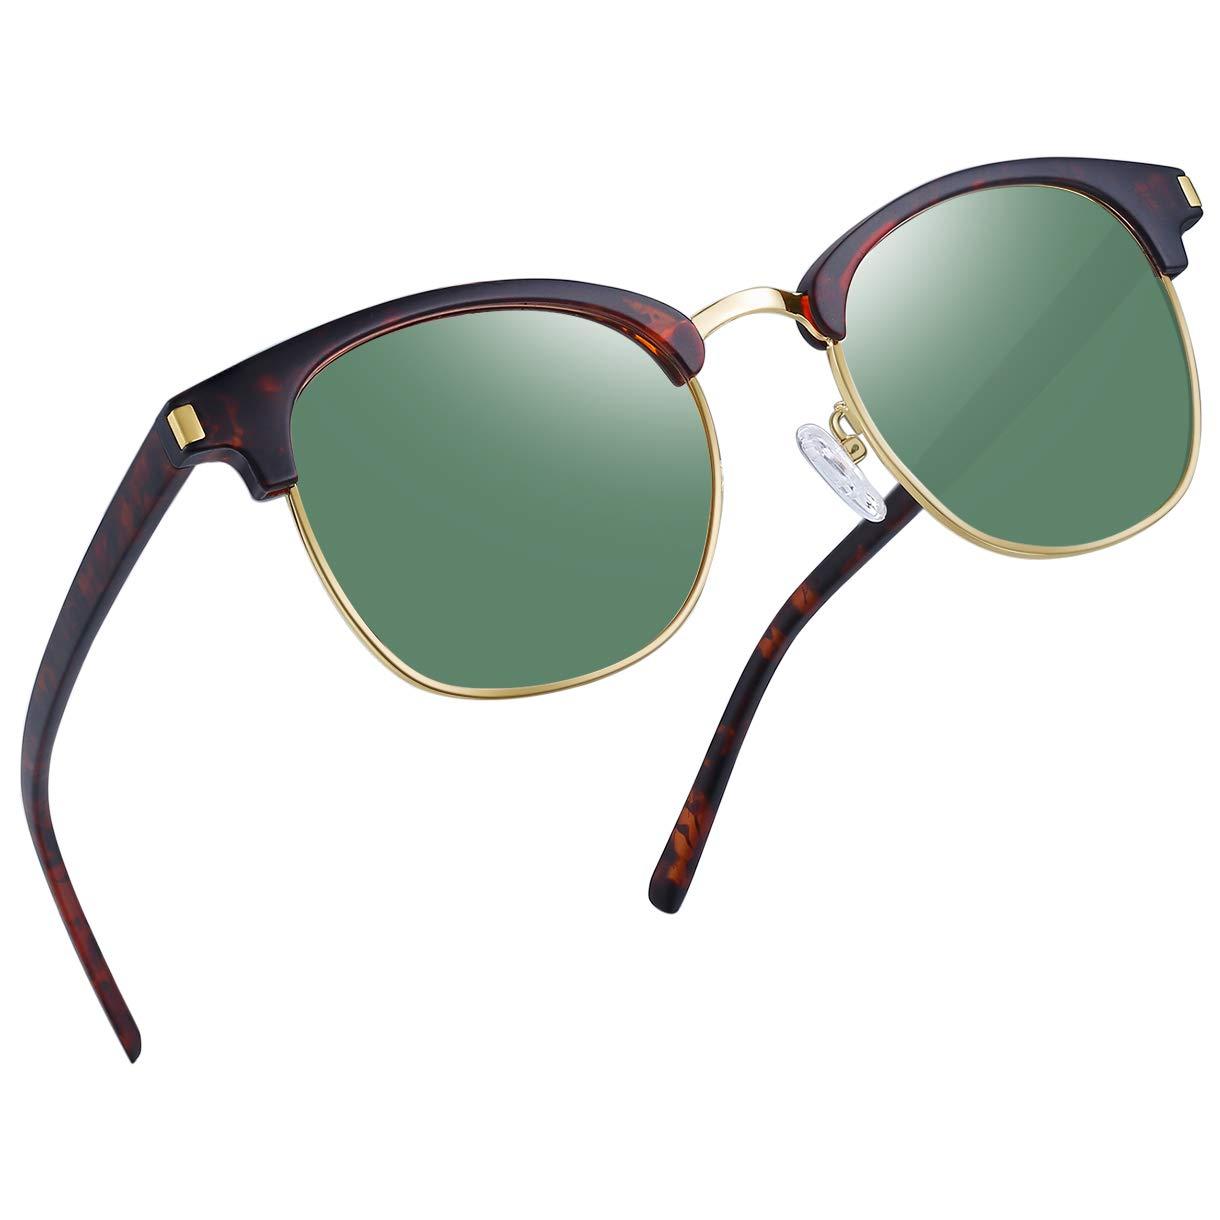 Joopin Semi Rimless Polarized Sunglasses Women Men Retro Brand Sun Glasses (Retro Leopard/Olive) by Joopin